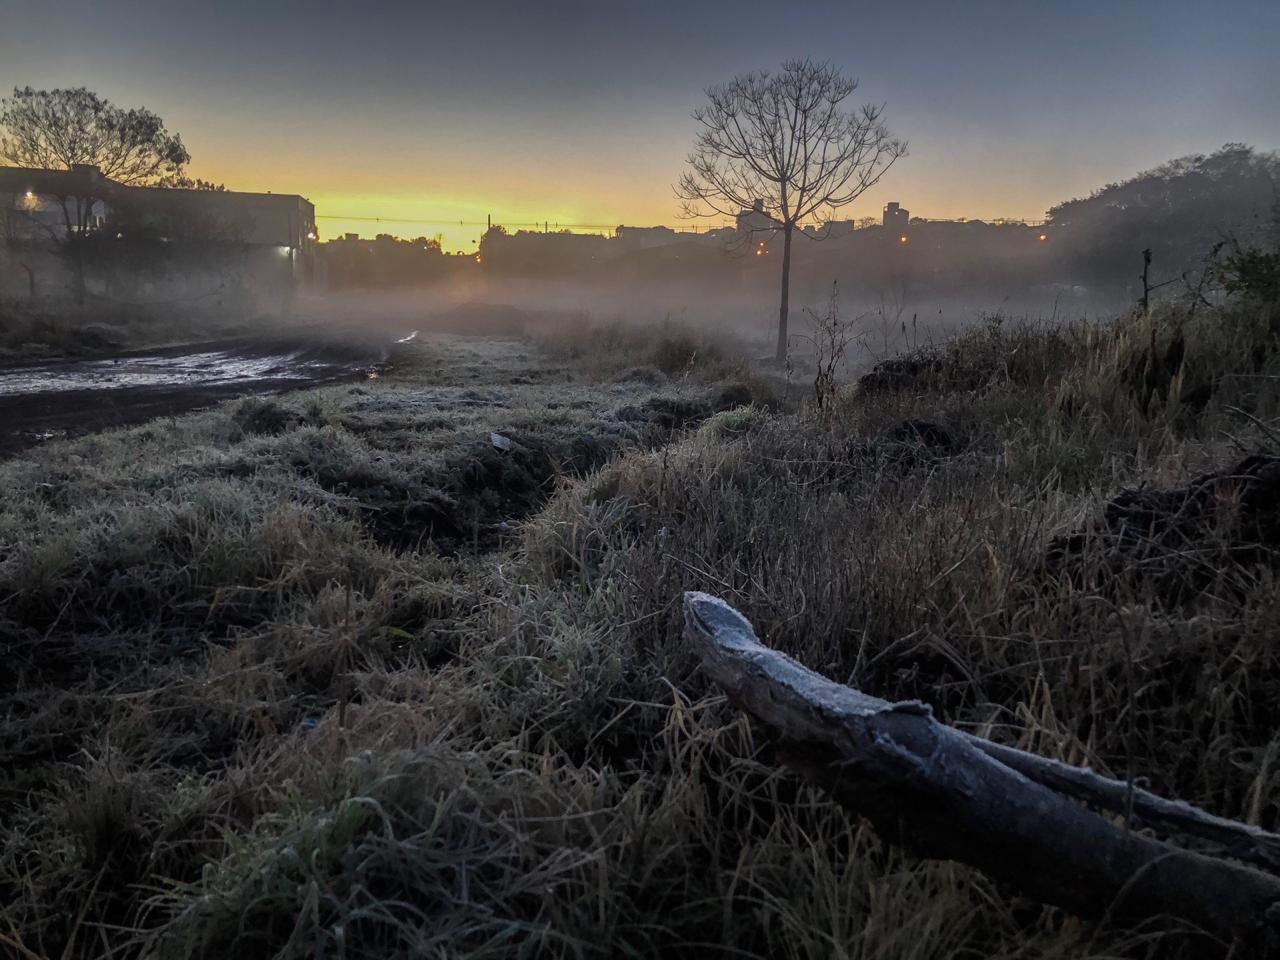 A geada já era esperada e mudou o cenário em várias localidades do município - Willian Ricardo/ND